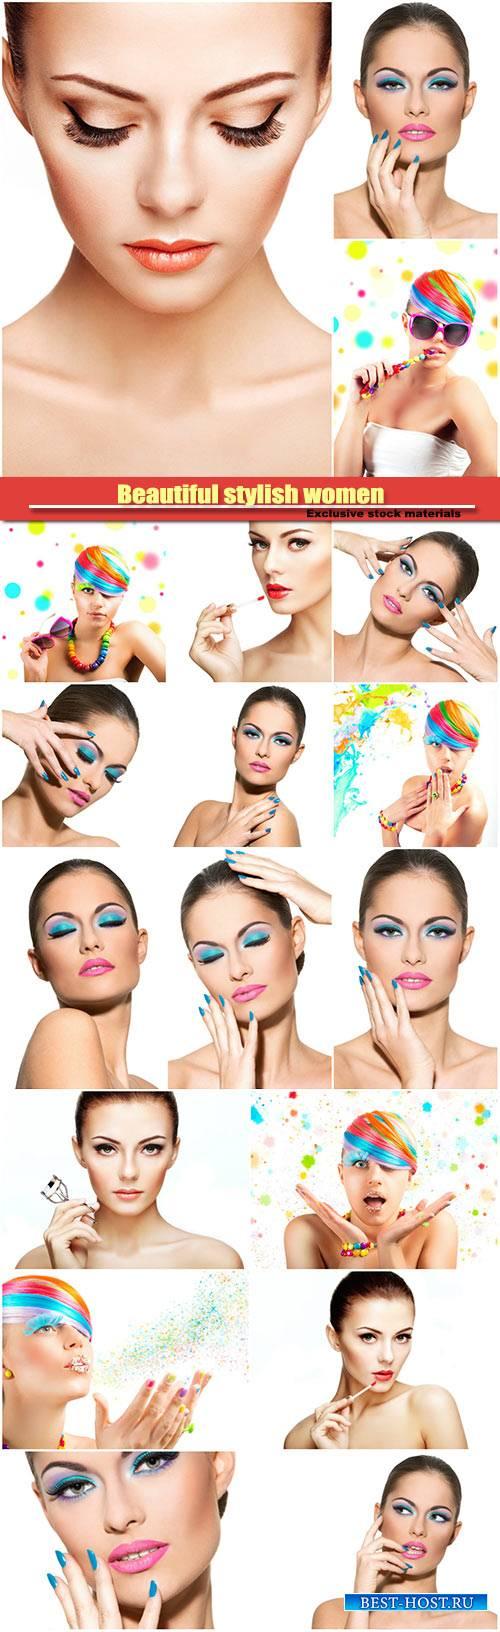 Beautiful stylish women, fashionable bright makeup